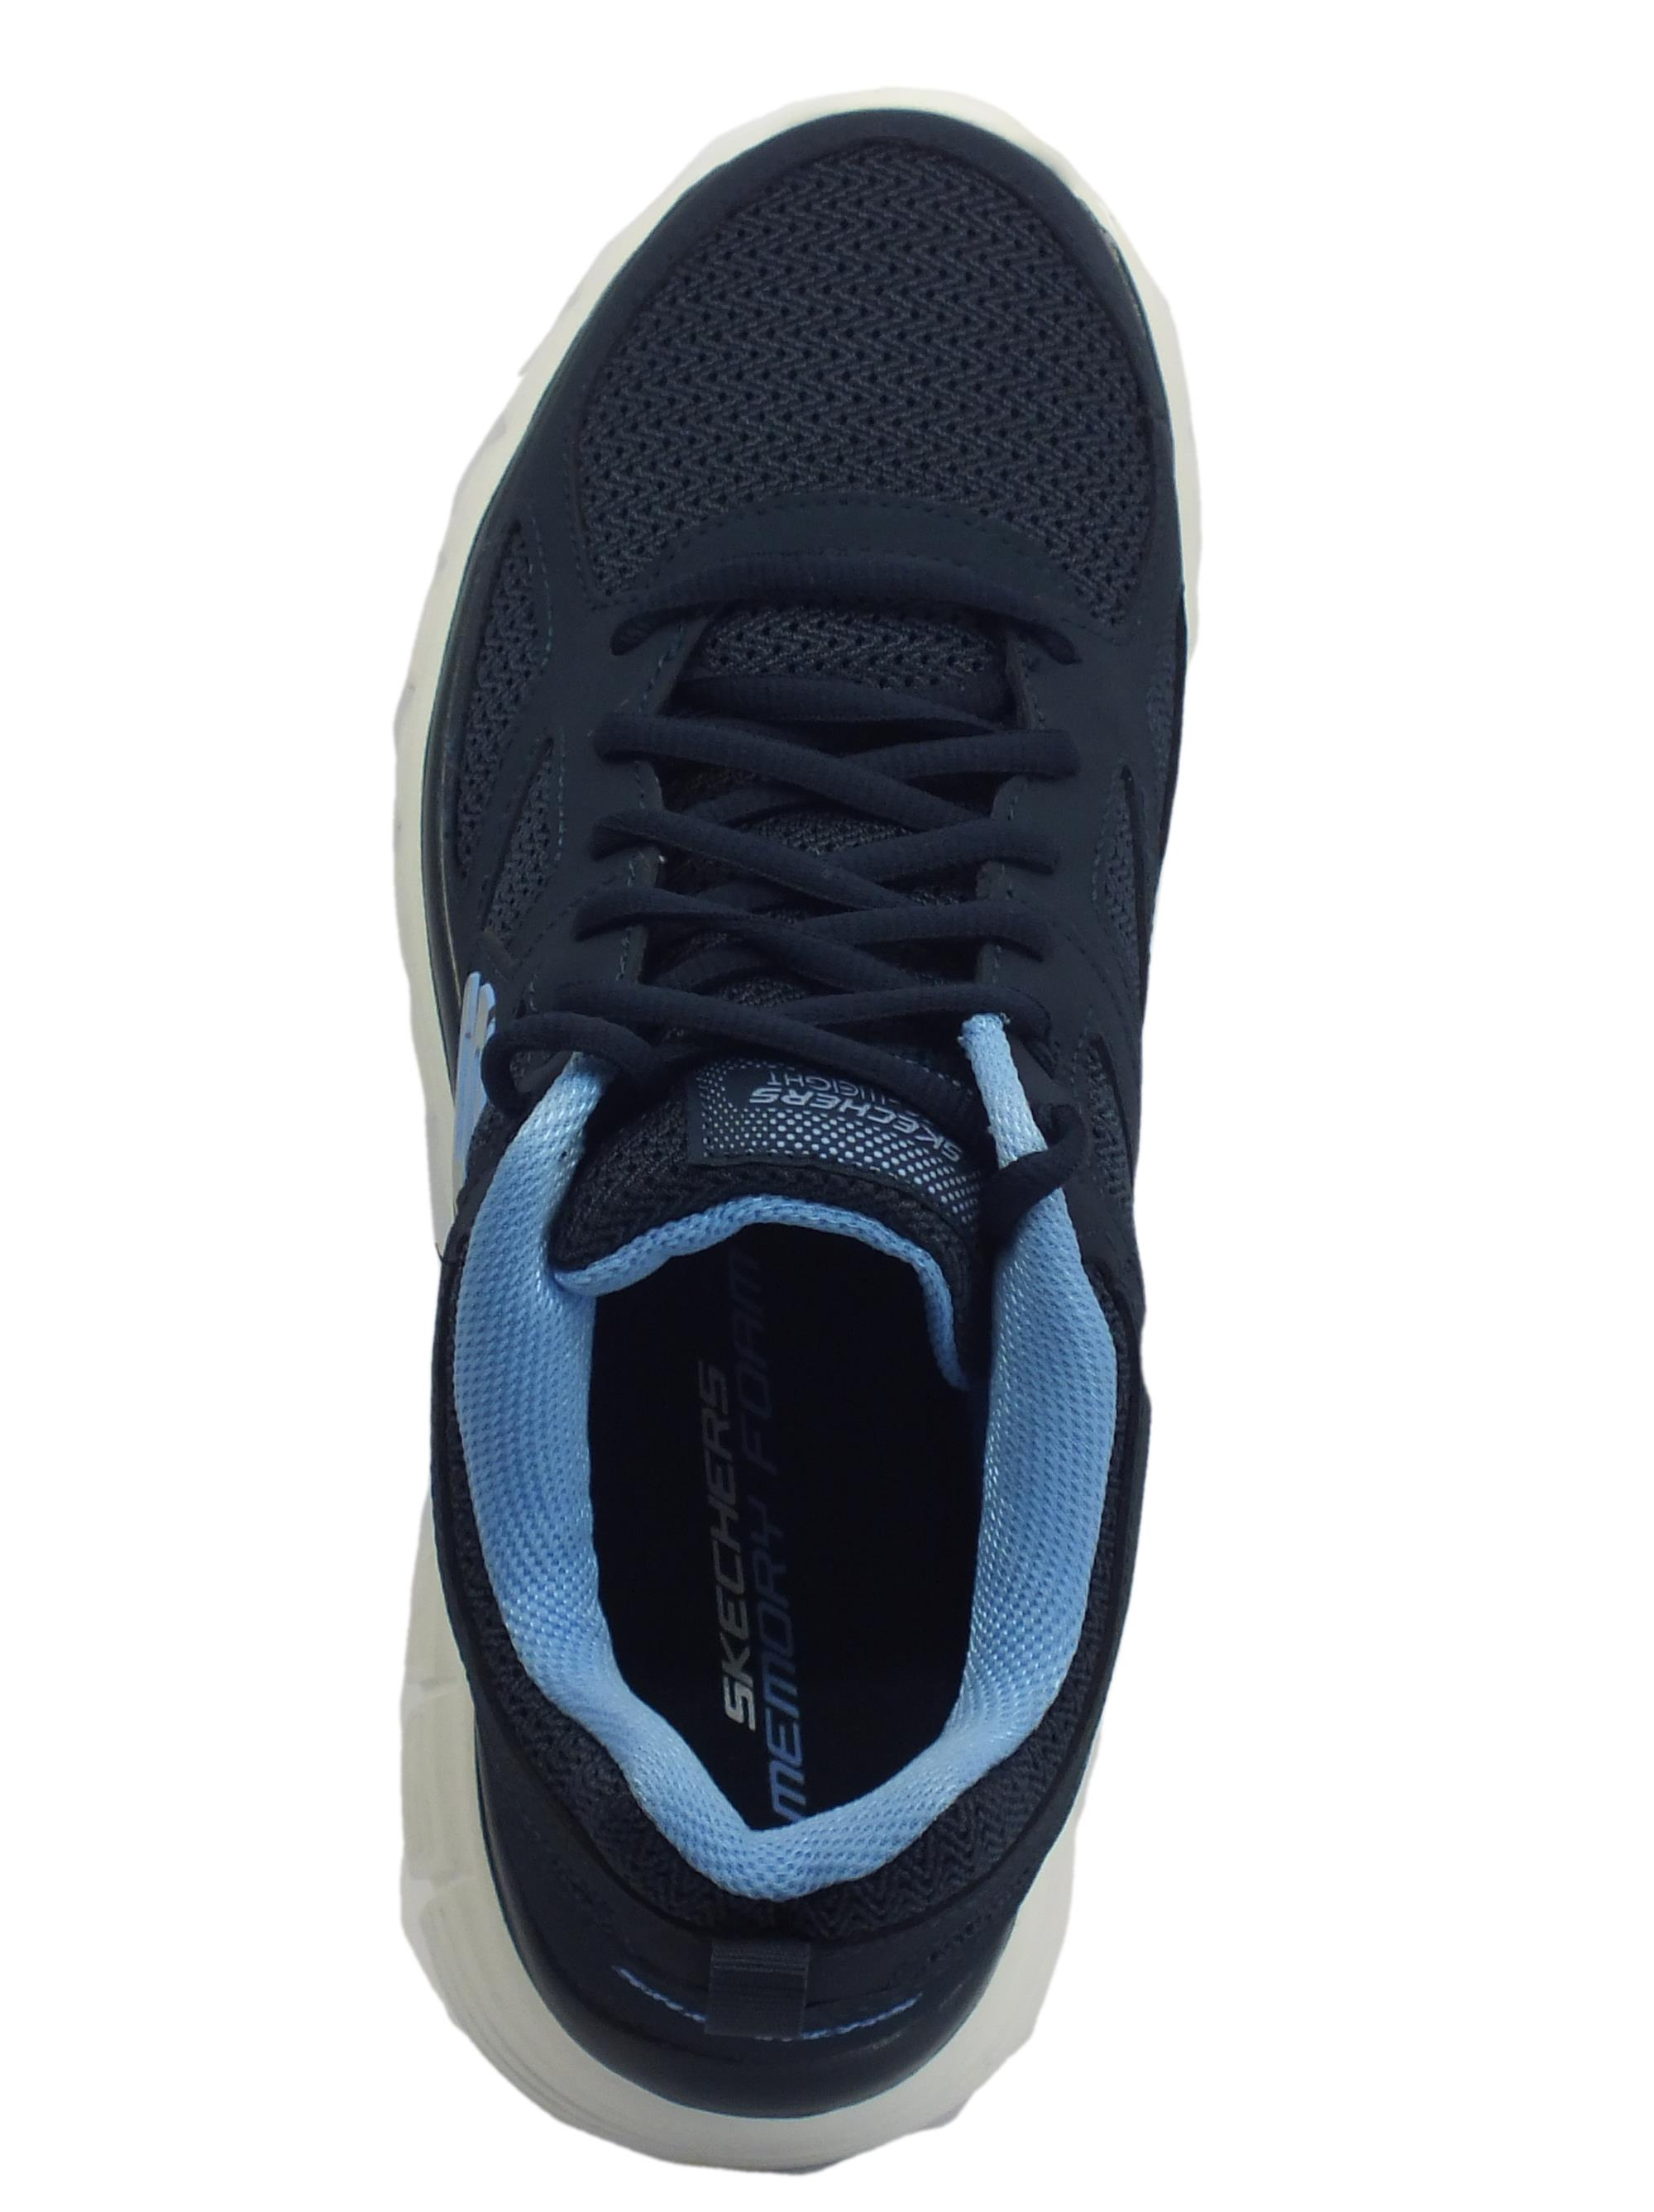 ... Skechers Sport per uomo in camoscio e tessuto blu sottopiede memory foam 9d3722fd57a